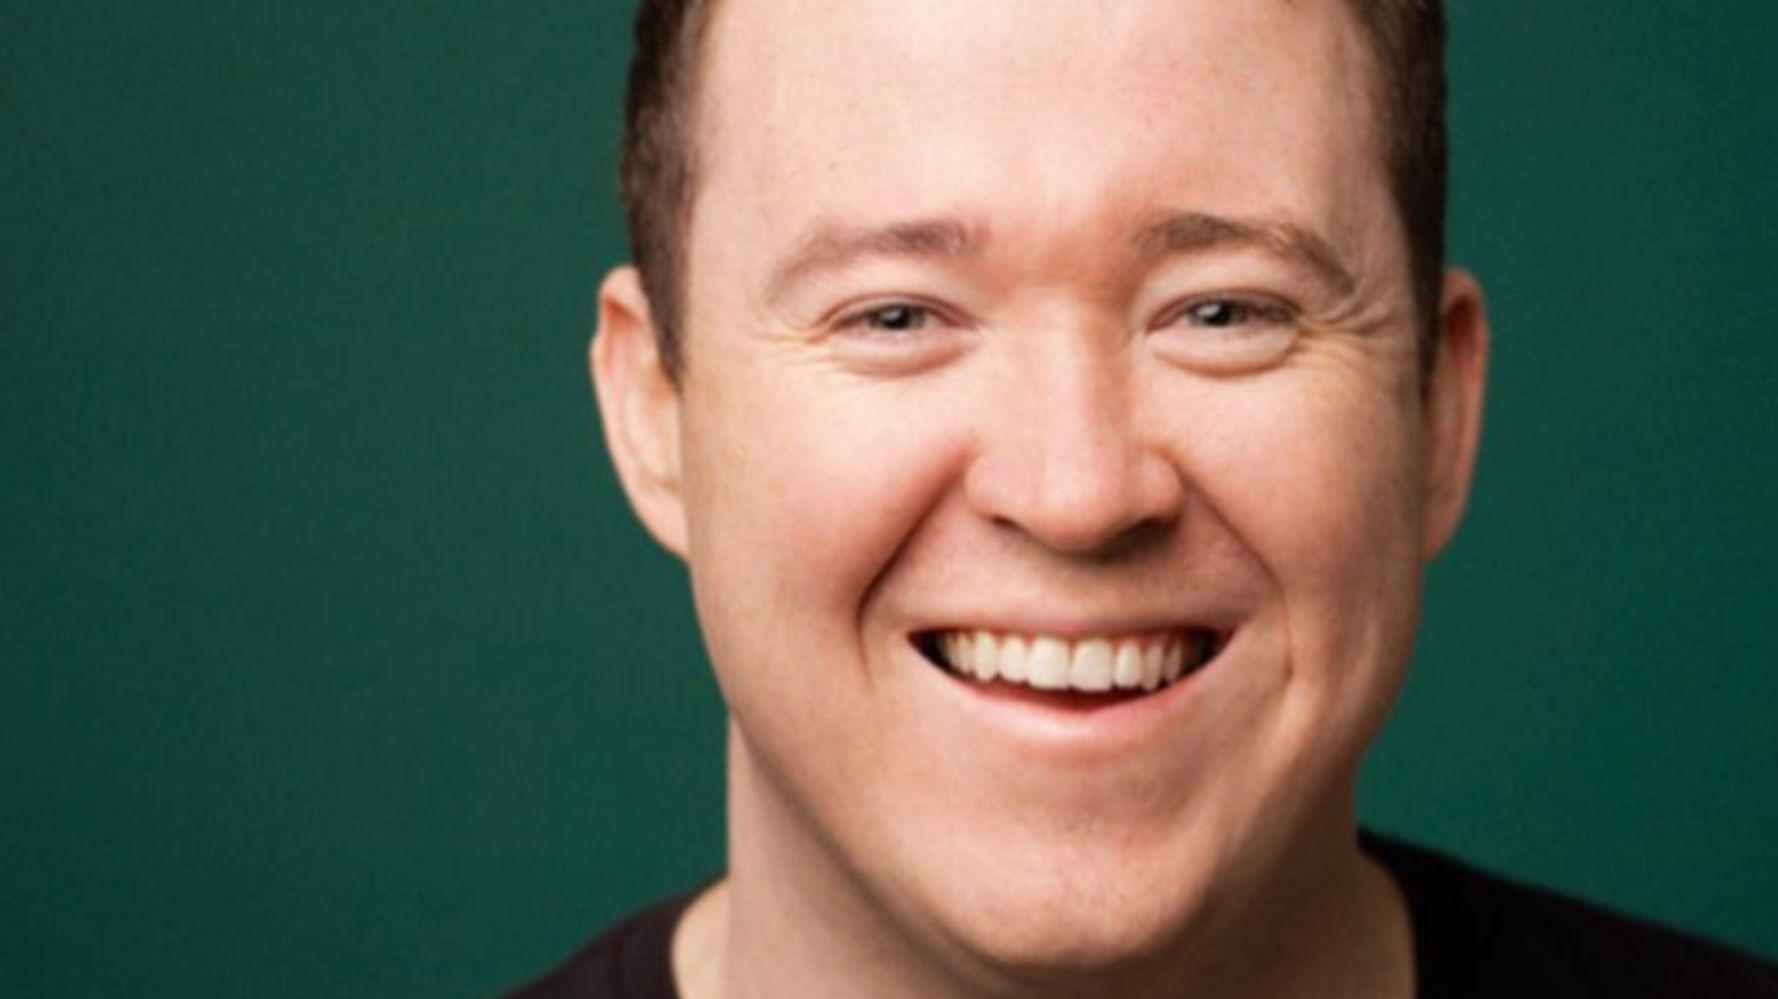 Westlake Legal Group 5d7af009230000e903524bb0 Shane Gillis, 'SNL's' New Cast Member, Spews Racist Asian Jokes, Slur In Resurfaced Video